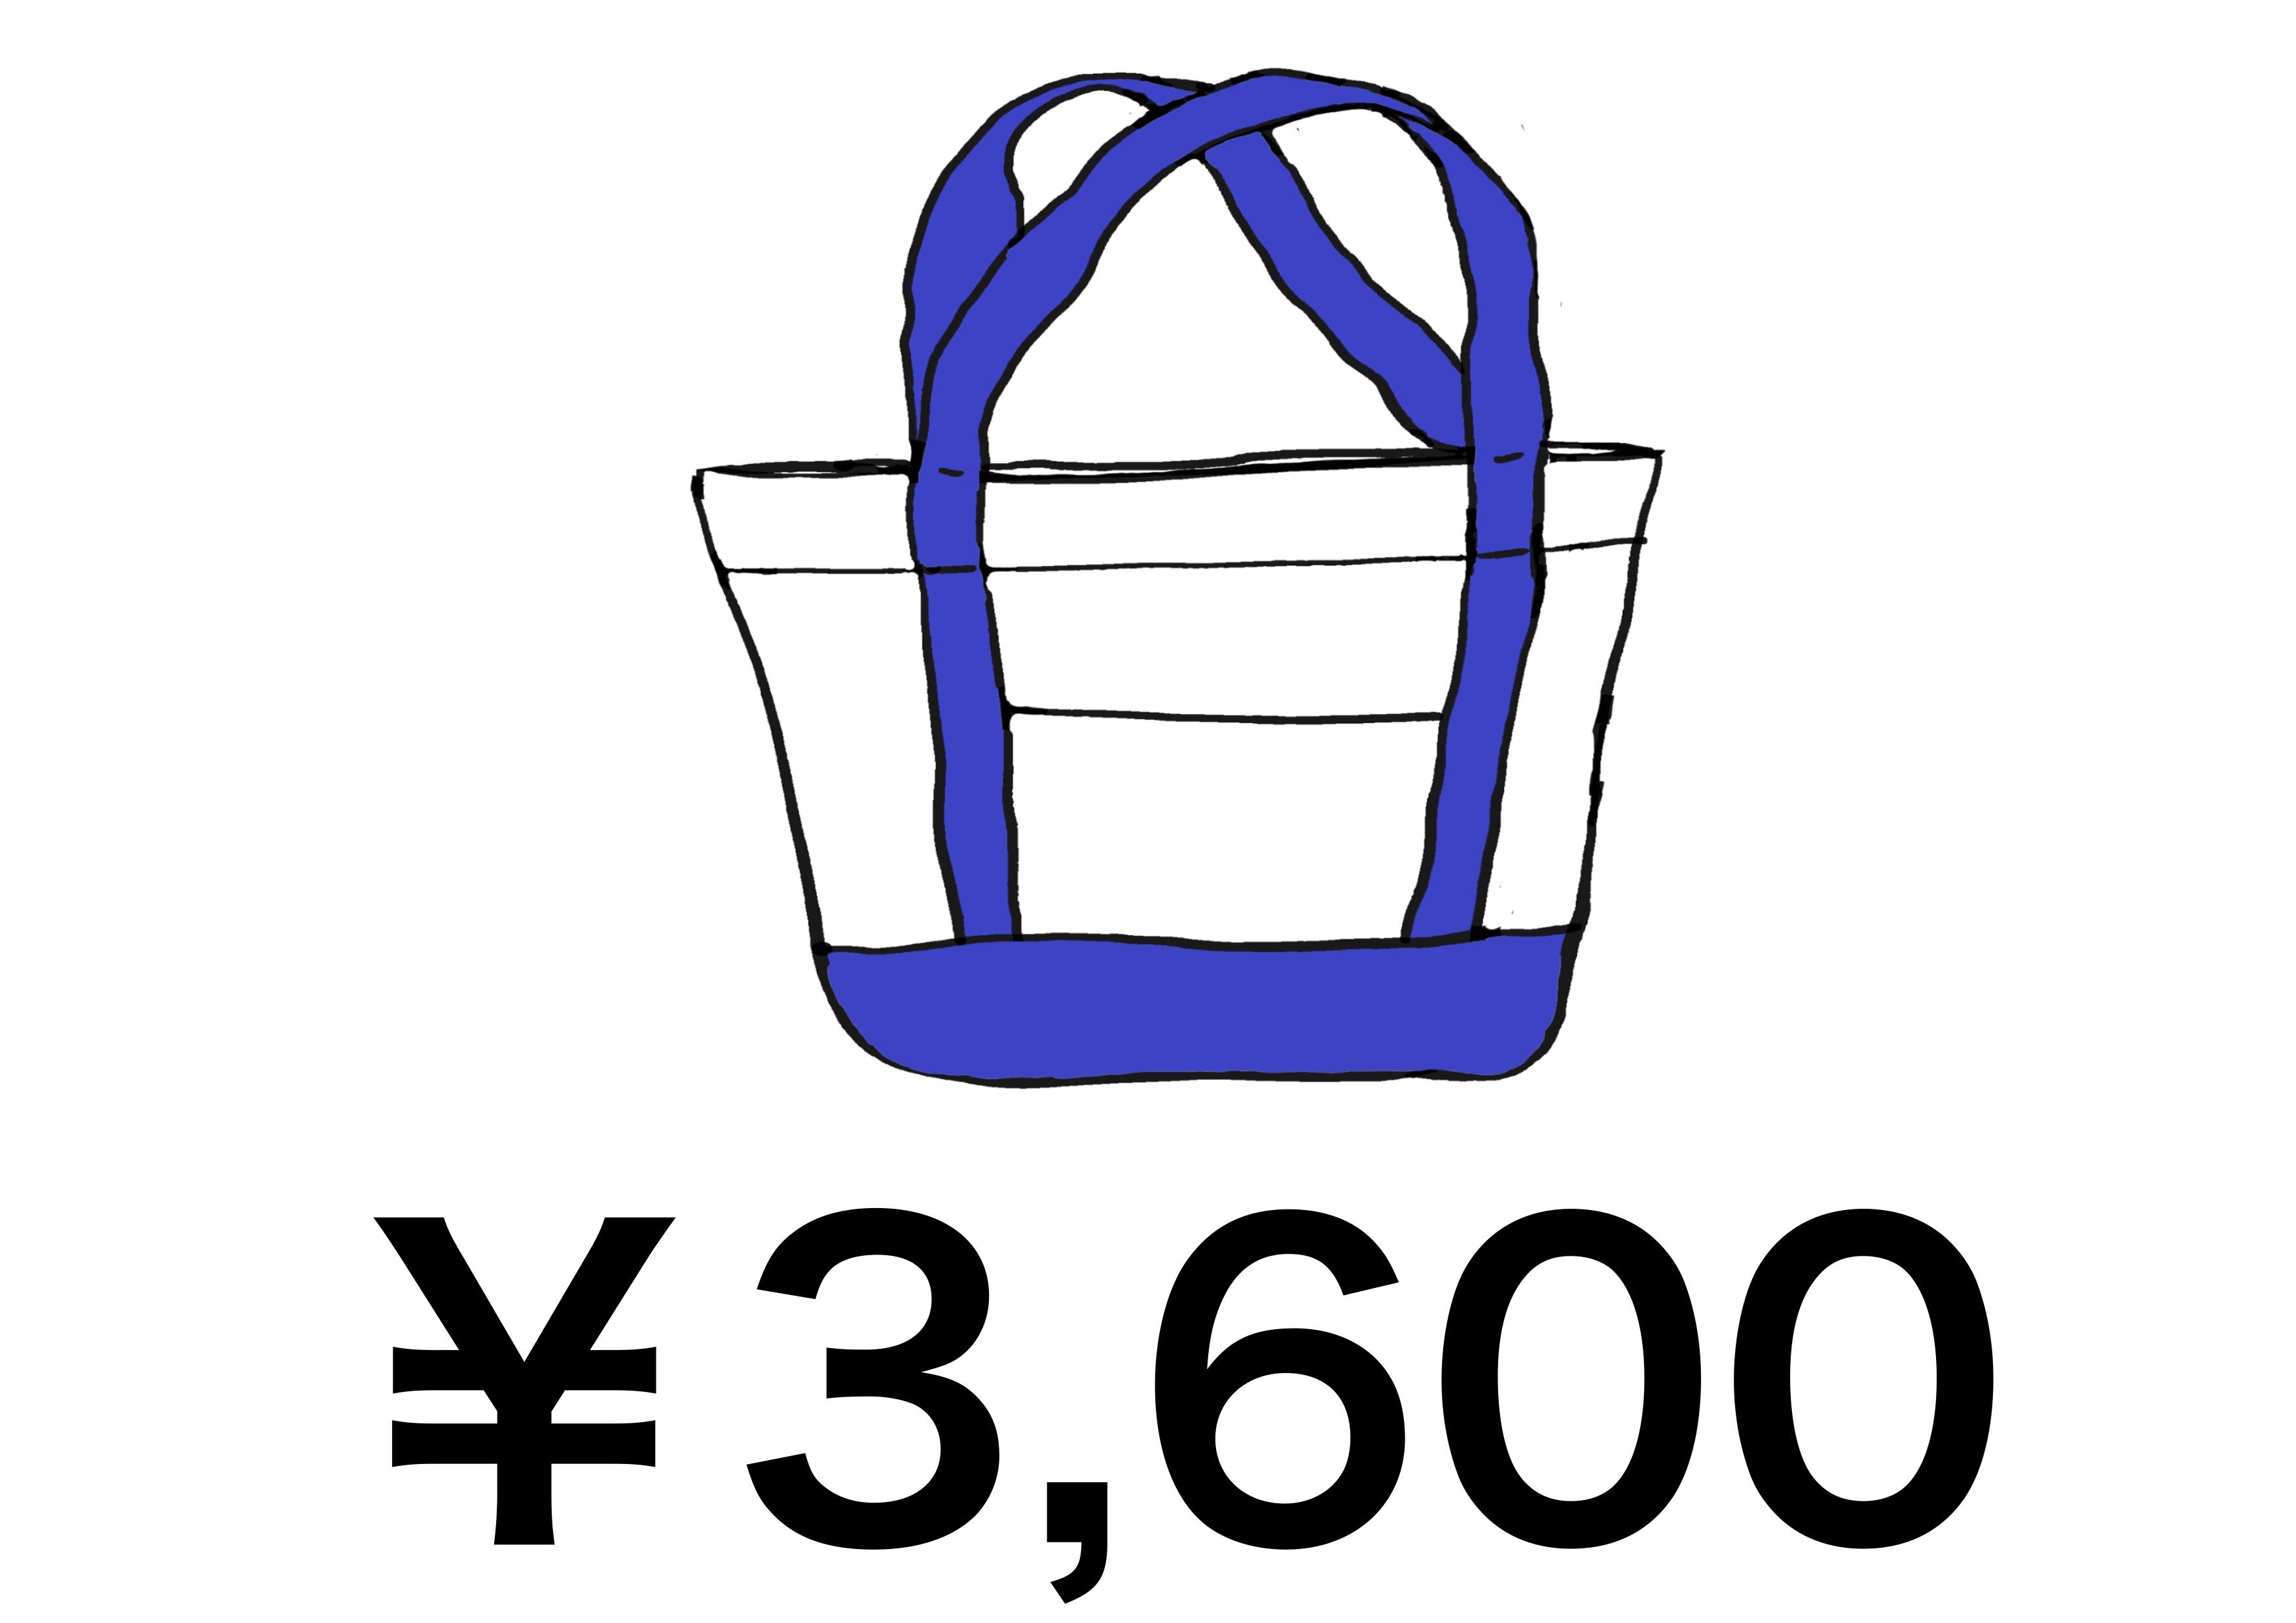 3課イラスト【かばんの値段】